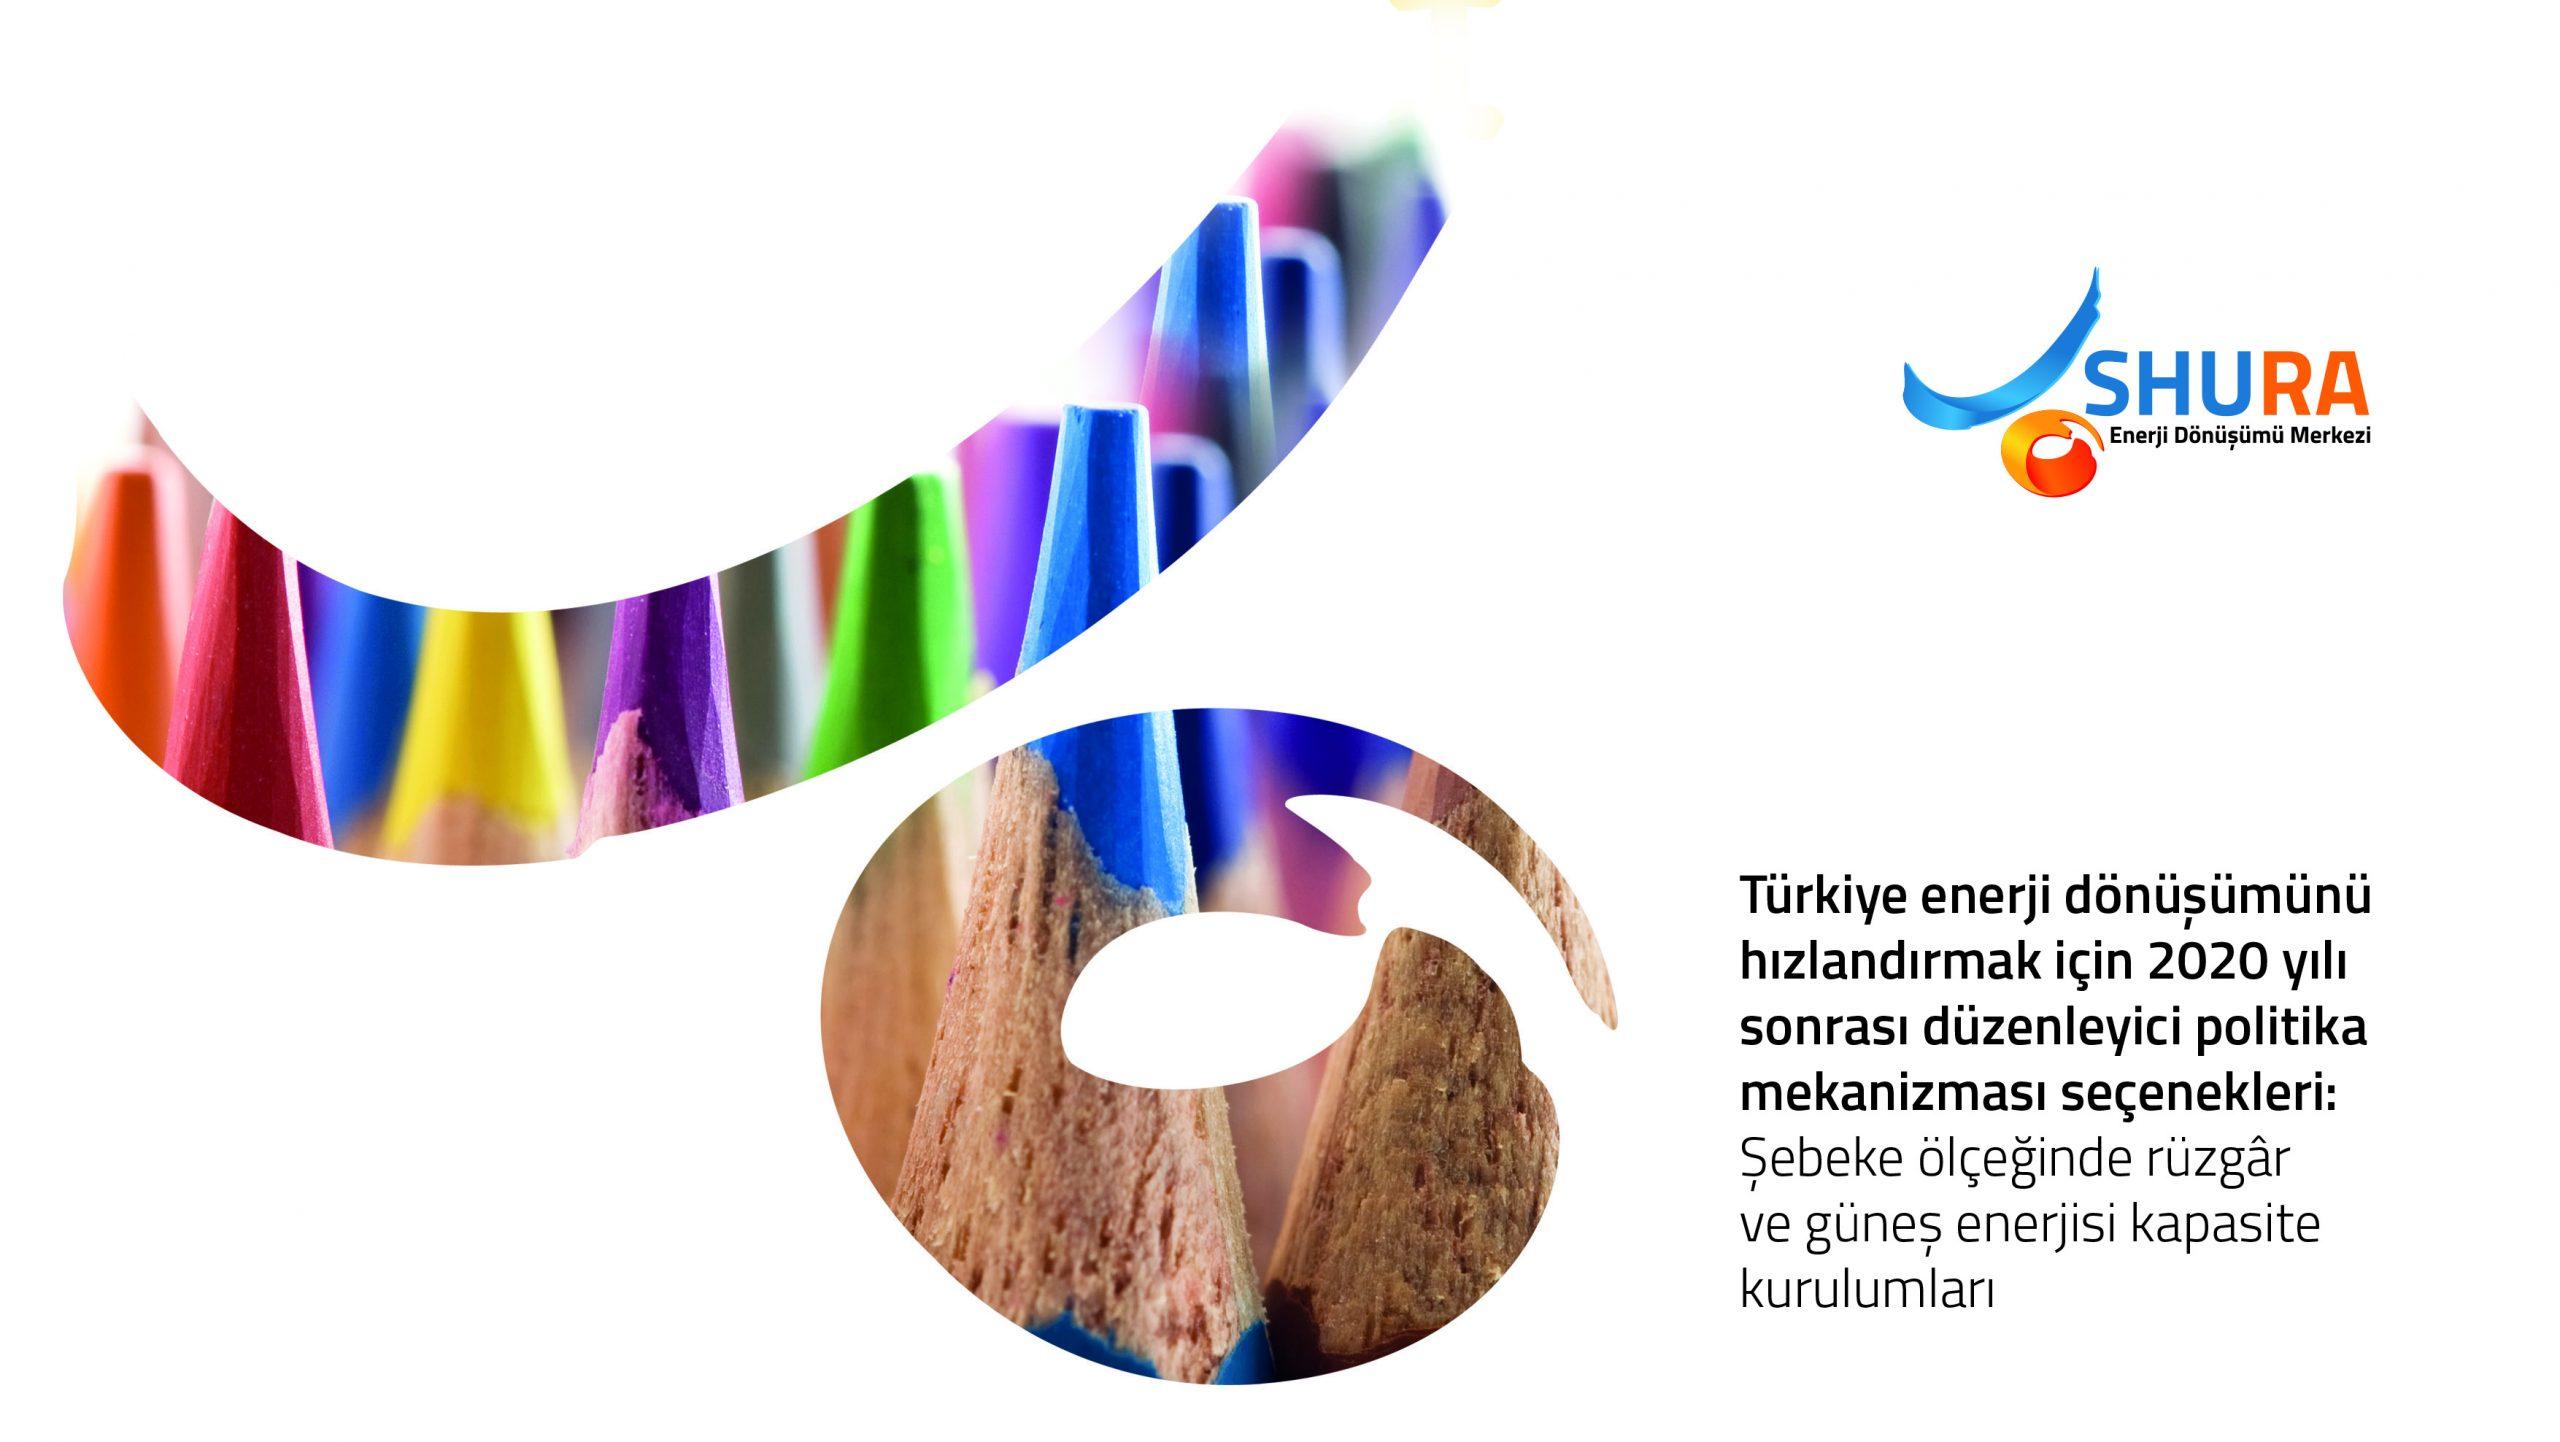 Türkiye enerji dönüşümünü hızlandırmak için 2020 yılı sonrası düzenleyici politika mekanizması seçenekleri: şebeke ölçeğinde rüzgar ve güneş enerjisi kapasite kurulumları